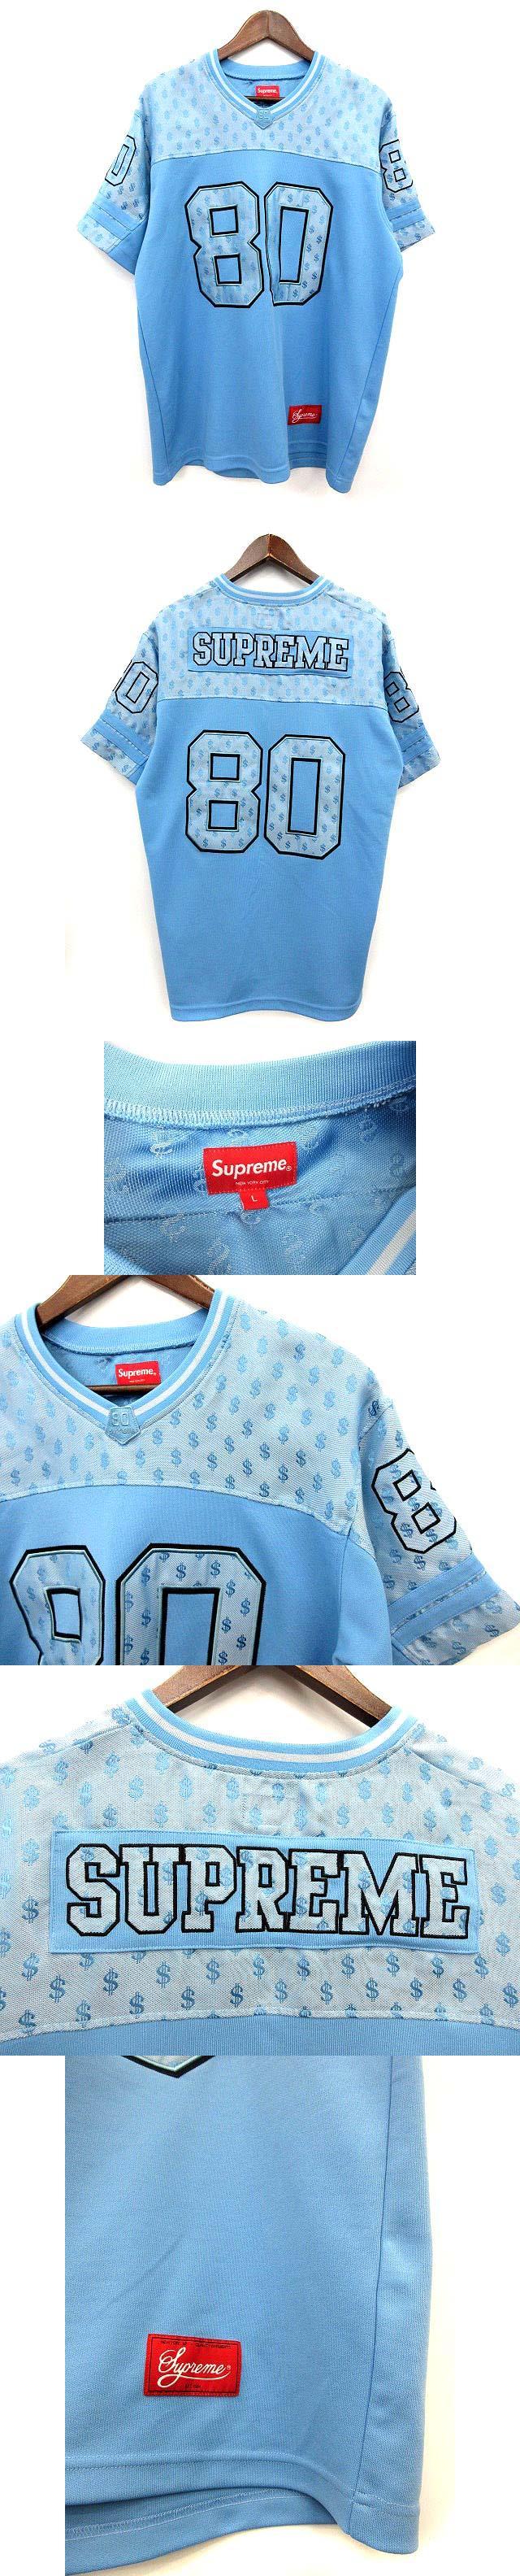 フットボール ジャージー Tシャツ monogram football jersey 半袖  L 水色 18SS  /☆G